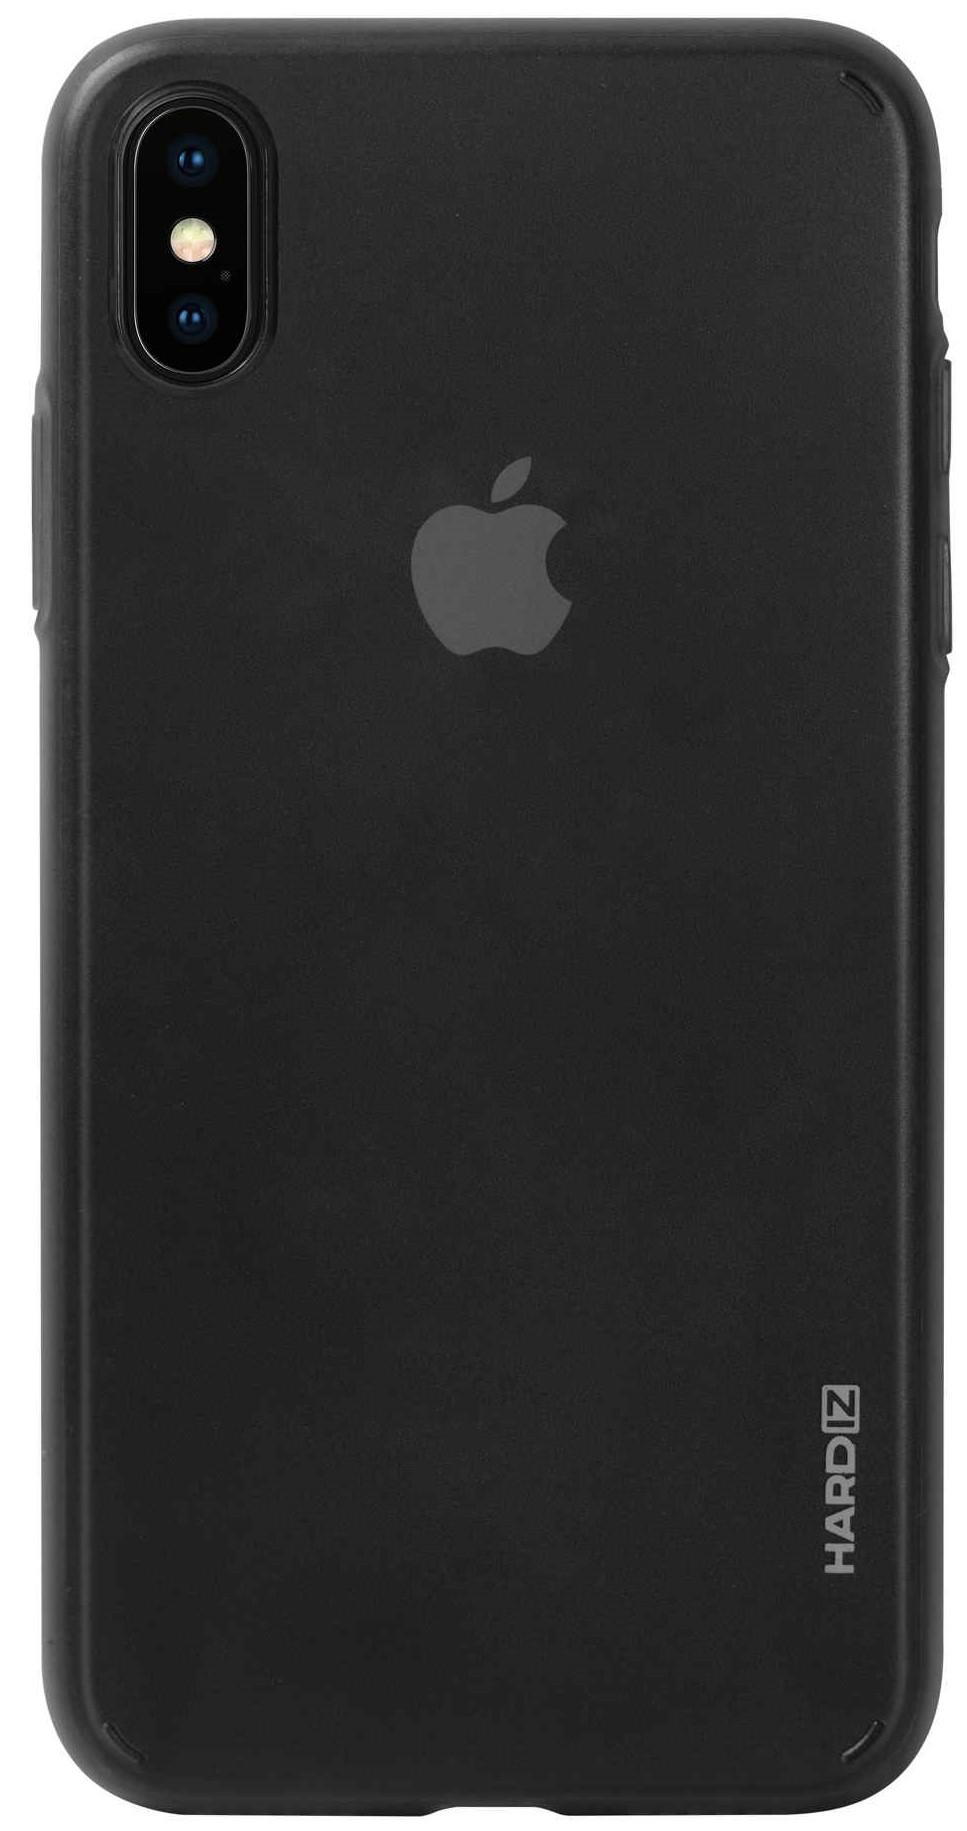 Клип-кейс Hardiz для Apple iPhone XS Max тонкий пластик Black клип кейс uniq apple iphone xs max тонкий пластик black